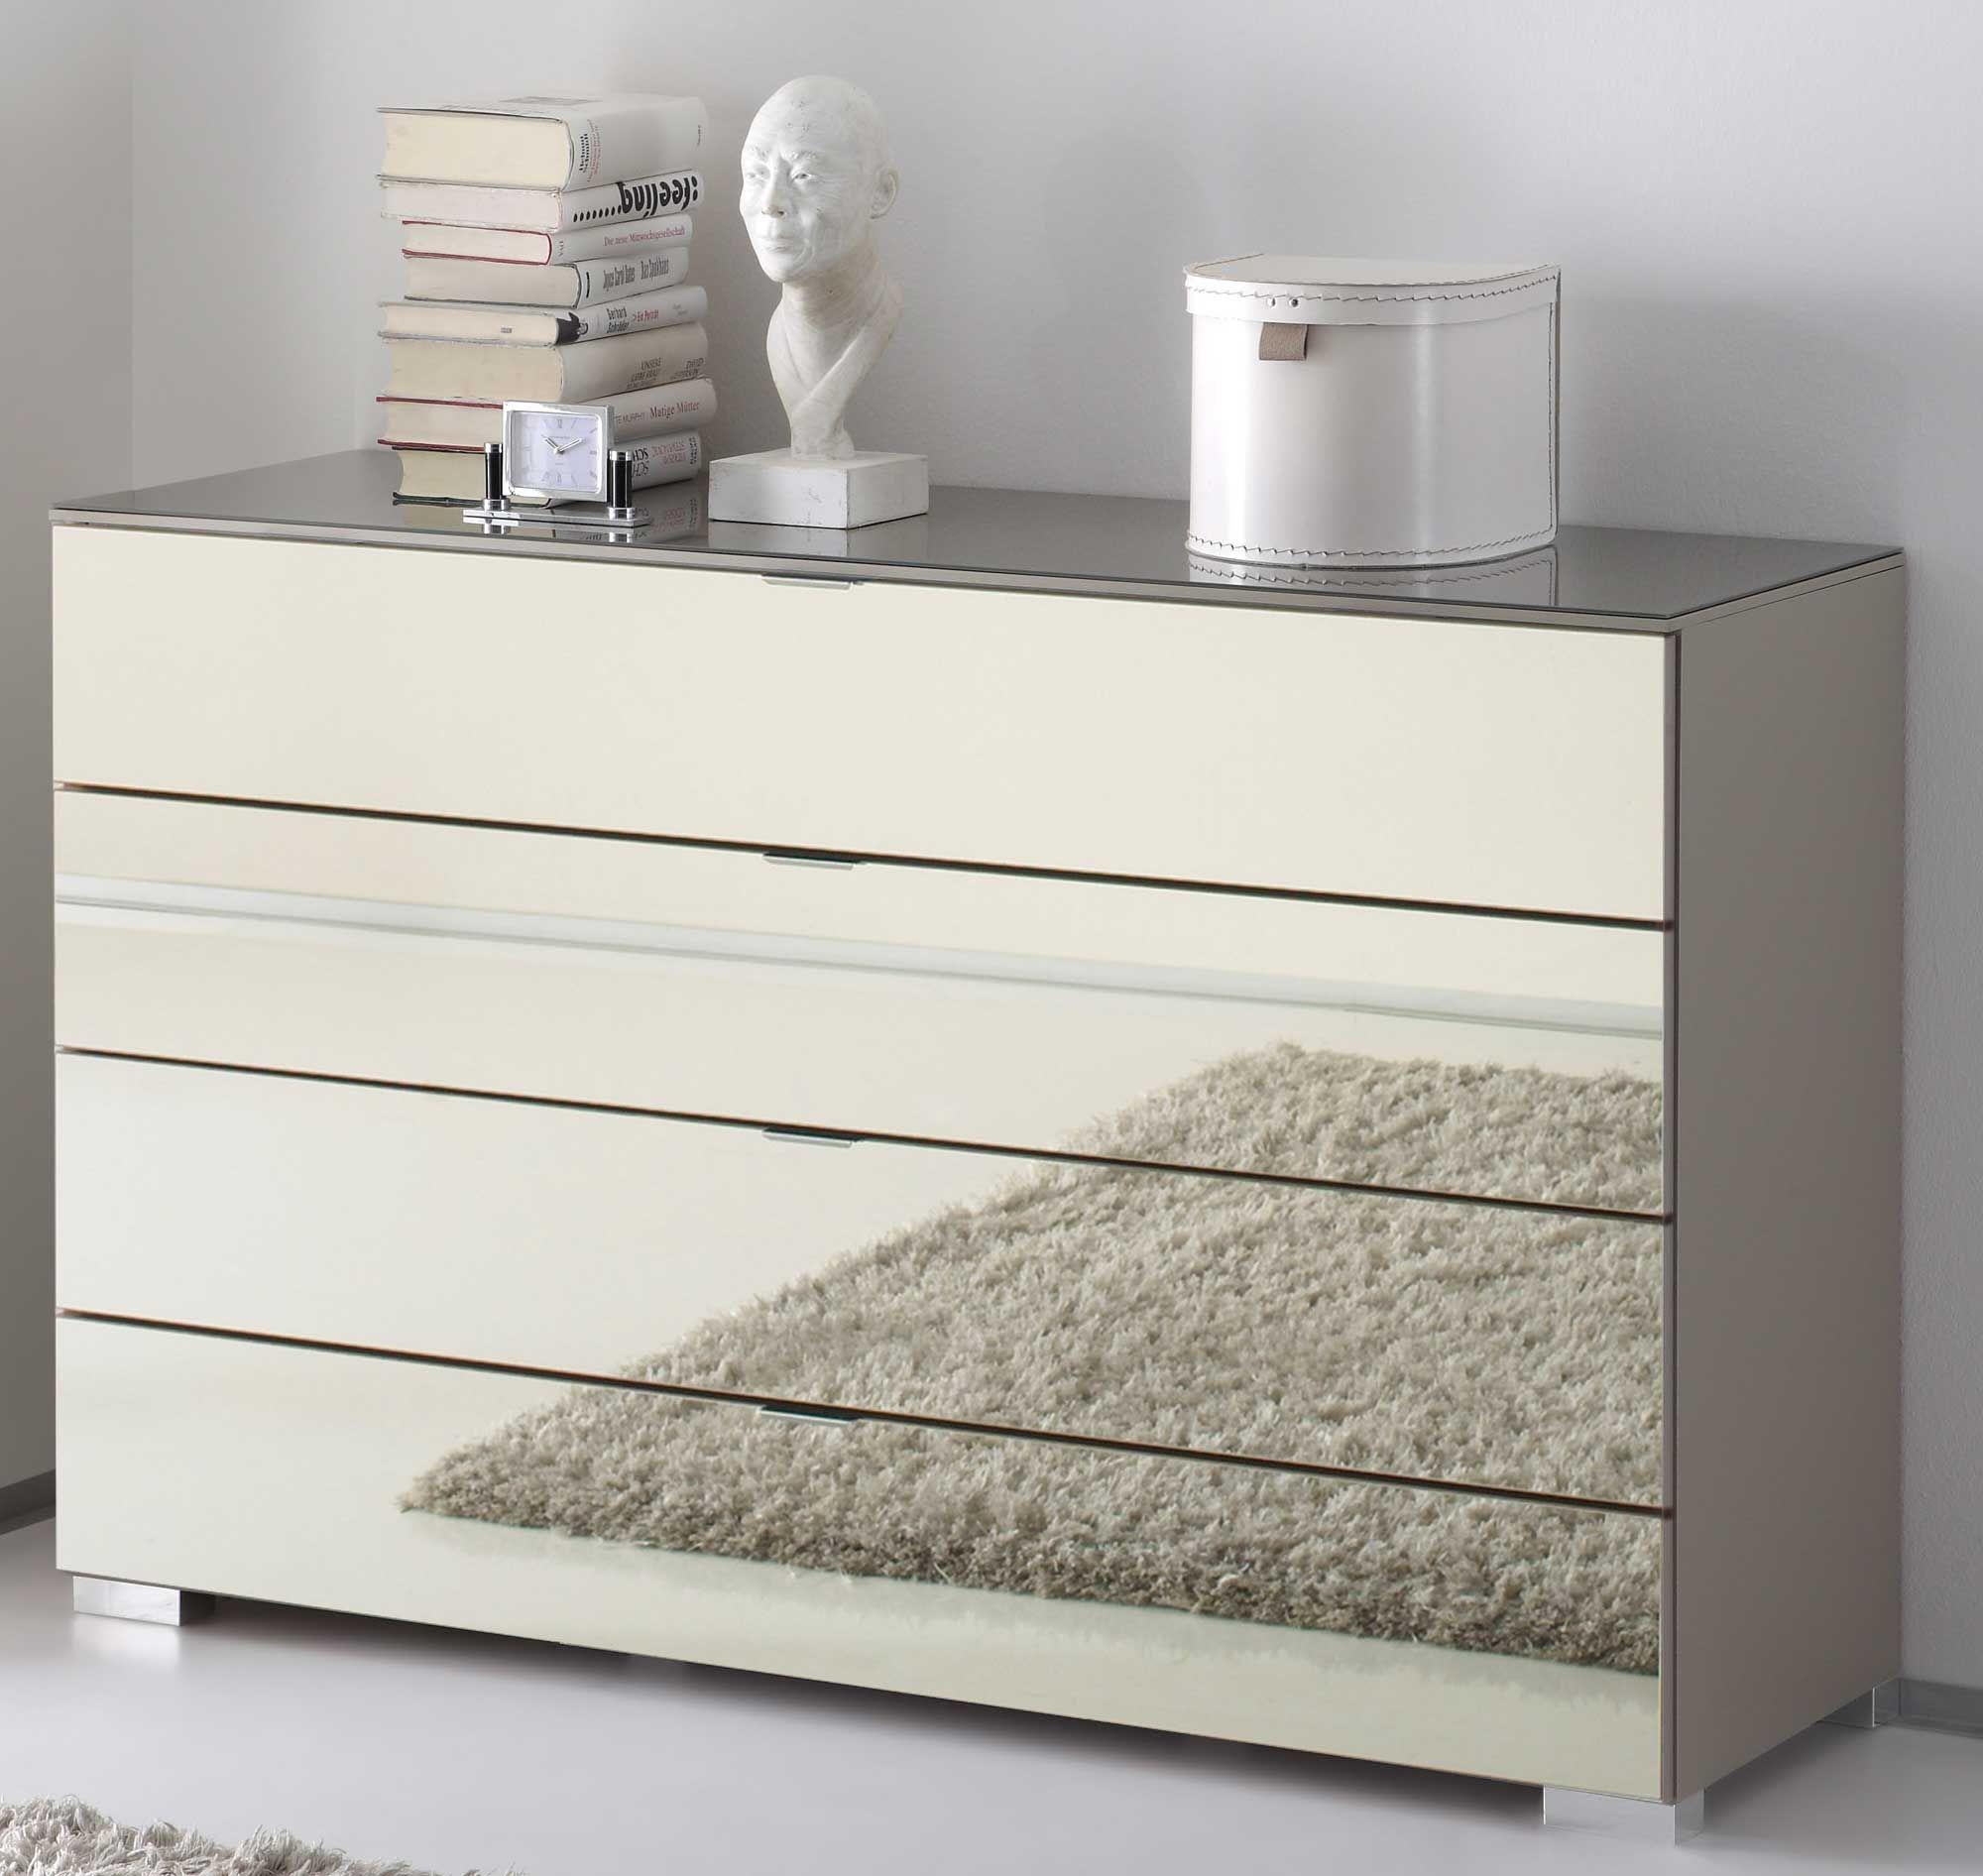 m bel aus spiegelglas was denkt ihr ber solchen m bel die einfach ein mix von kommode. Black Bedroom Furniture Sets. Home Design Ideas